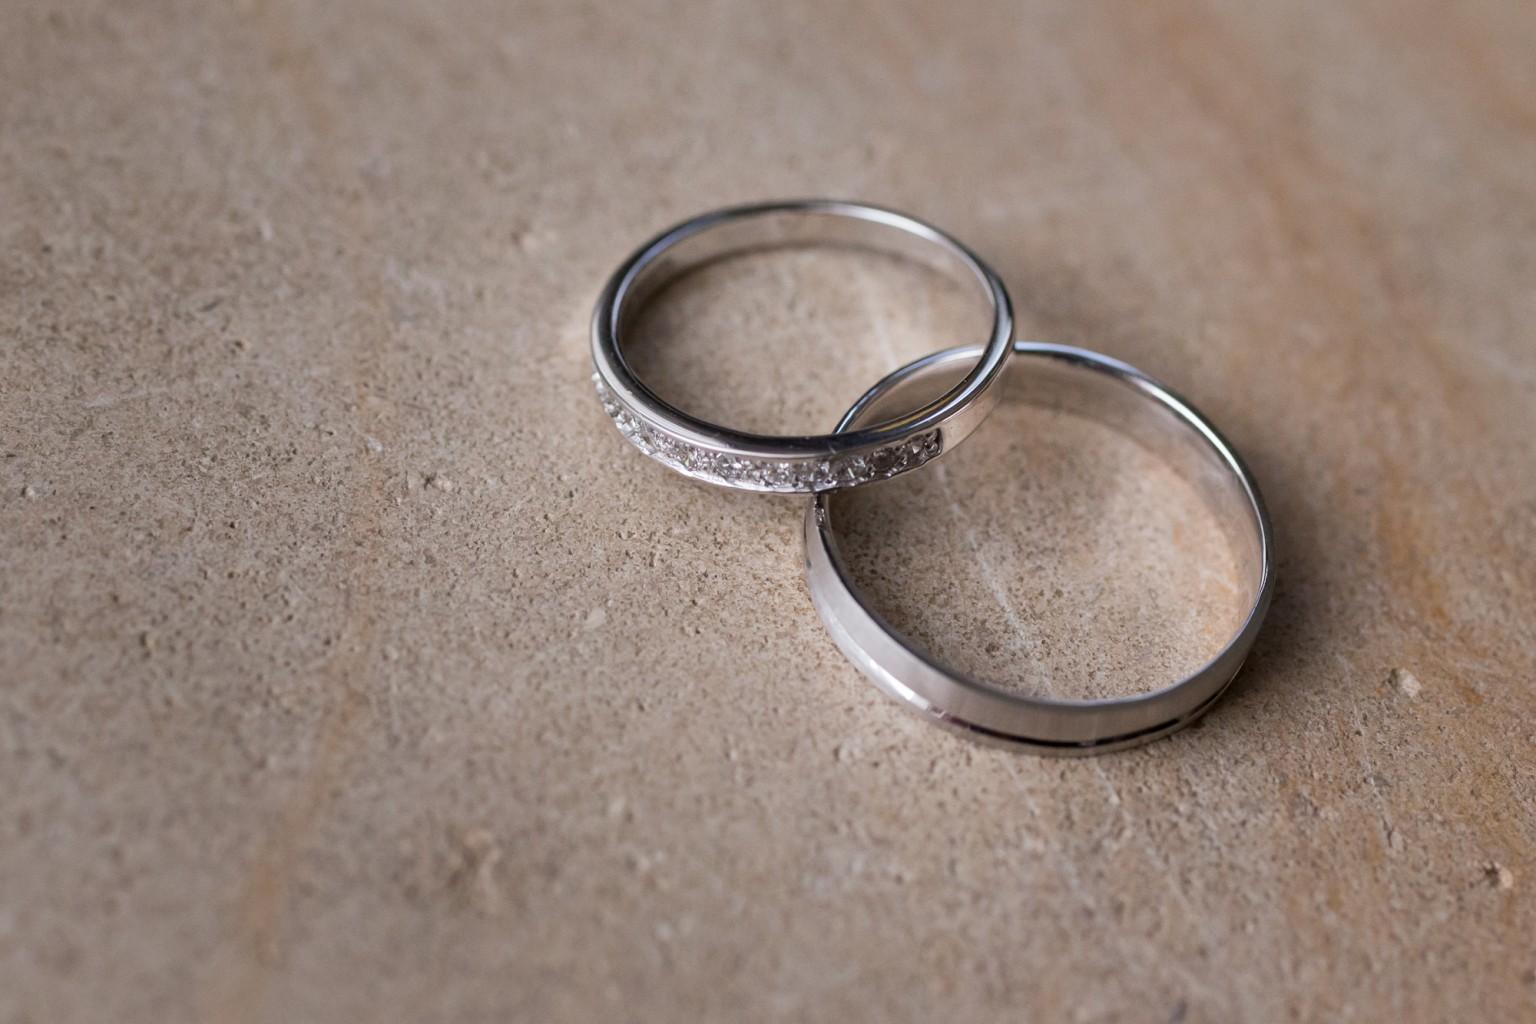 Huwelijksringen van zilver op natuurstenen ondergrond